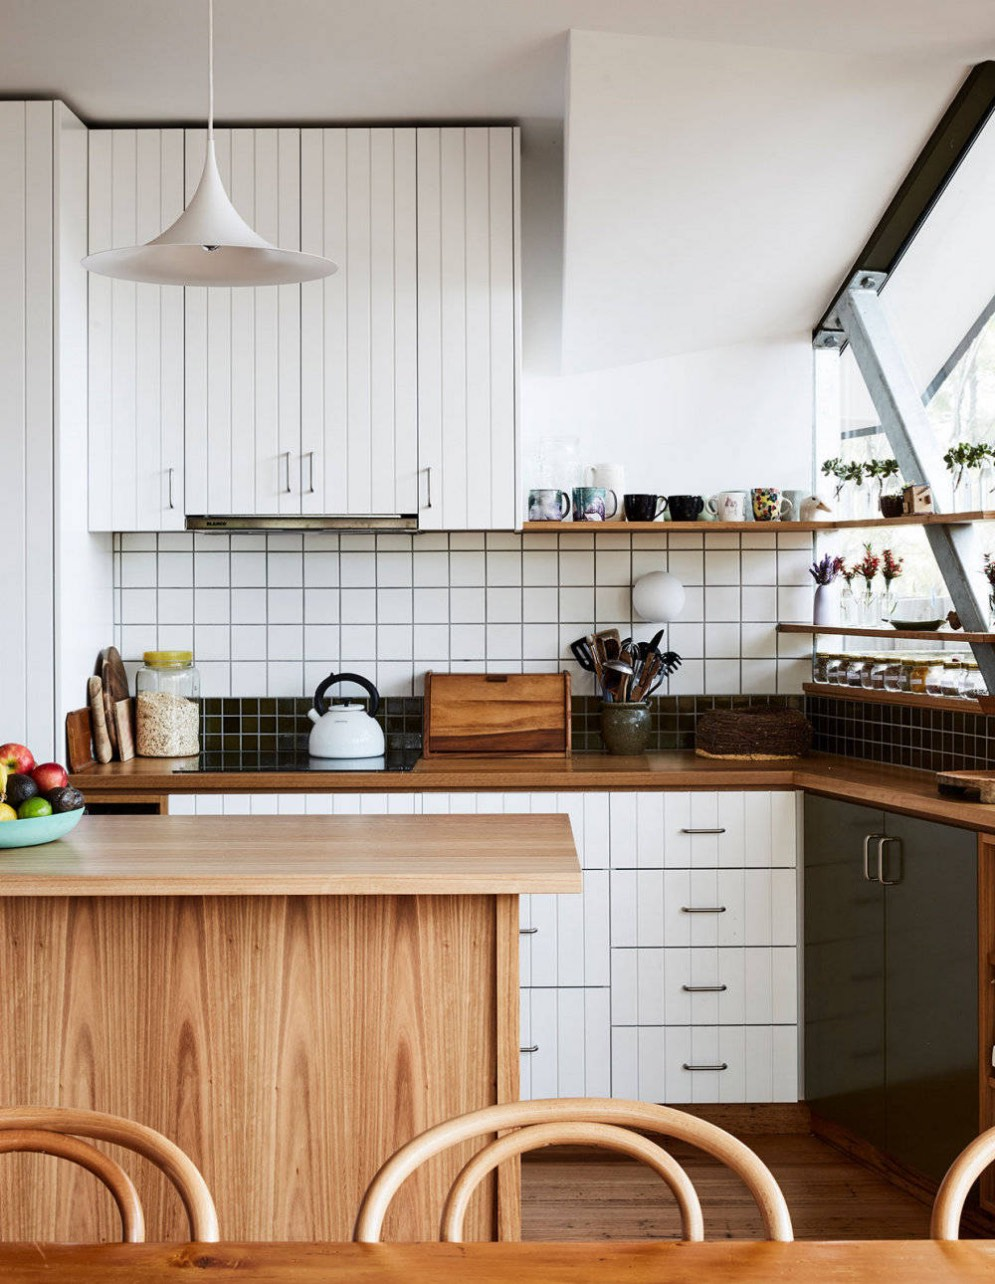 橱柜 厨房 家居 设计 装修 995_1284 竖版 竖屏图片